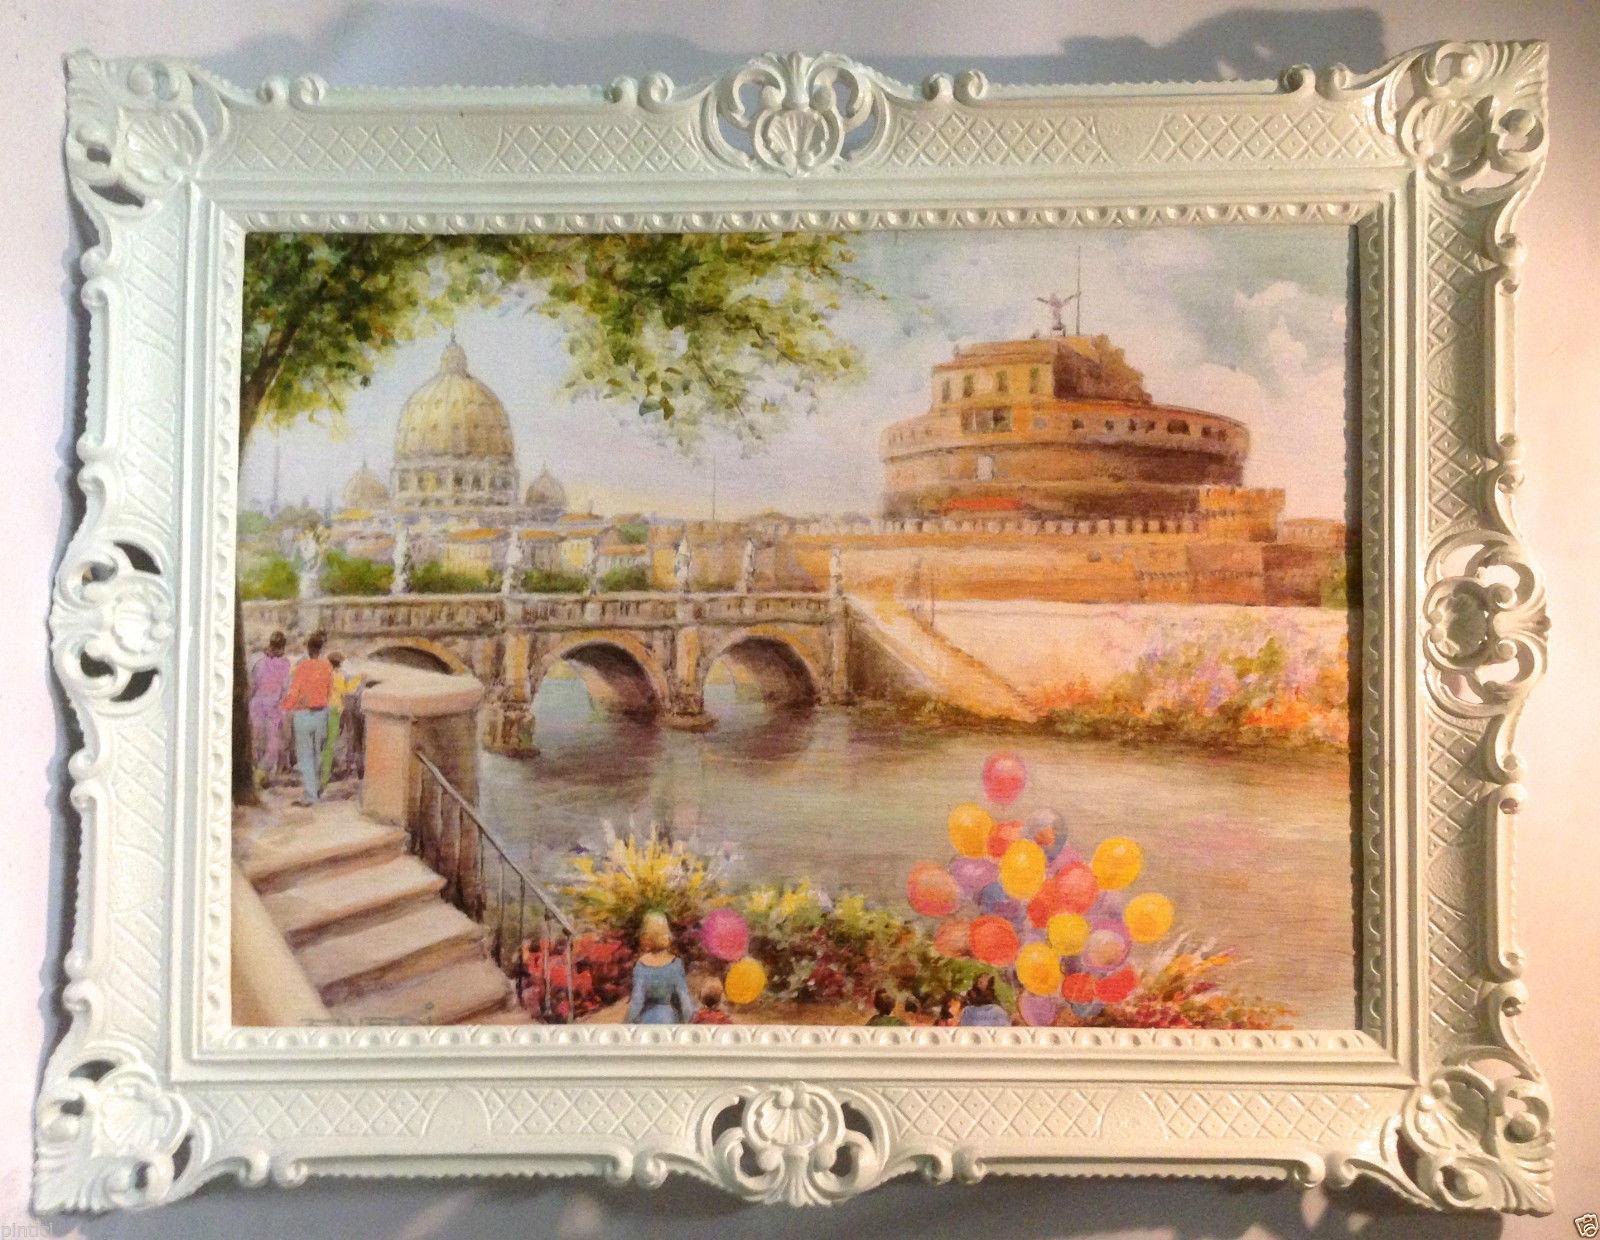 Gerahmte bilder perfect rosina gerahmte poster x cm in for Gerahmte bilder fur wohnzimmer